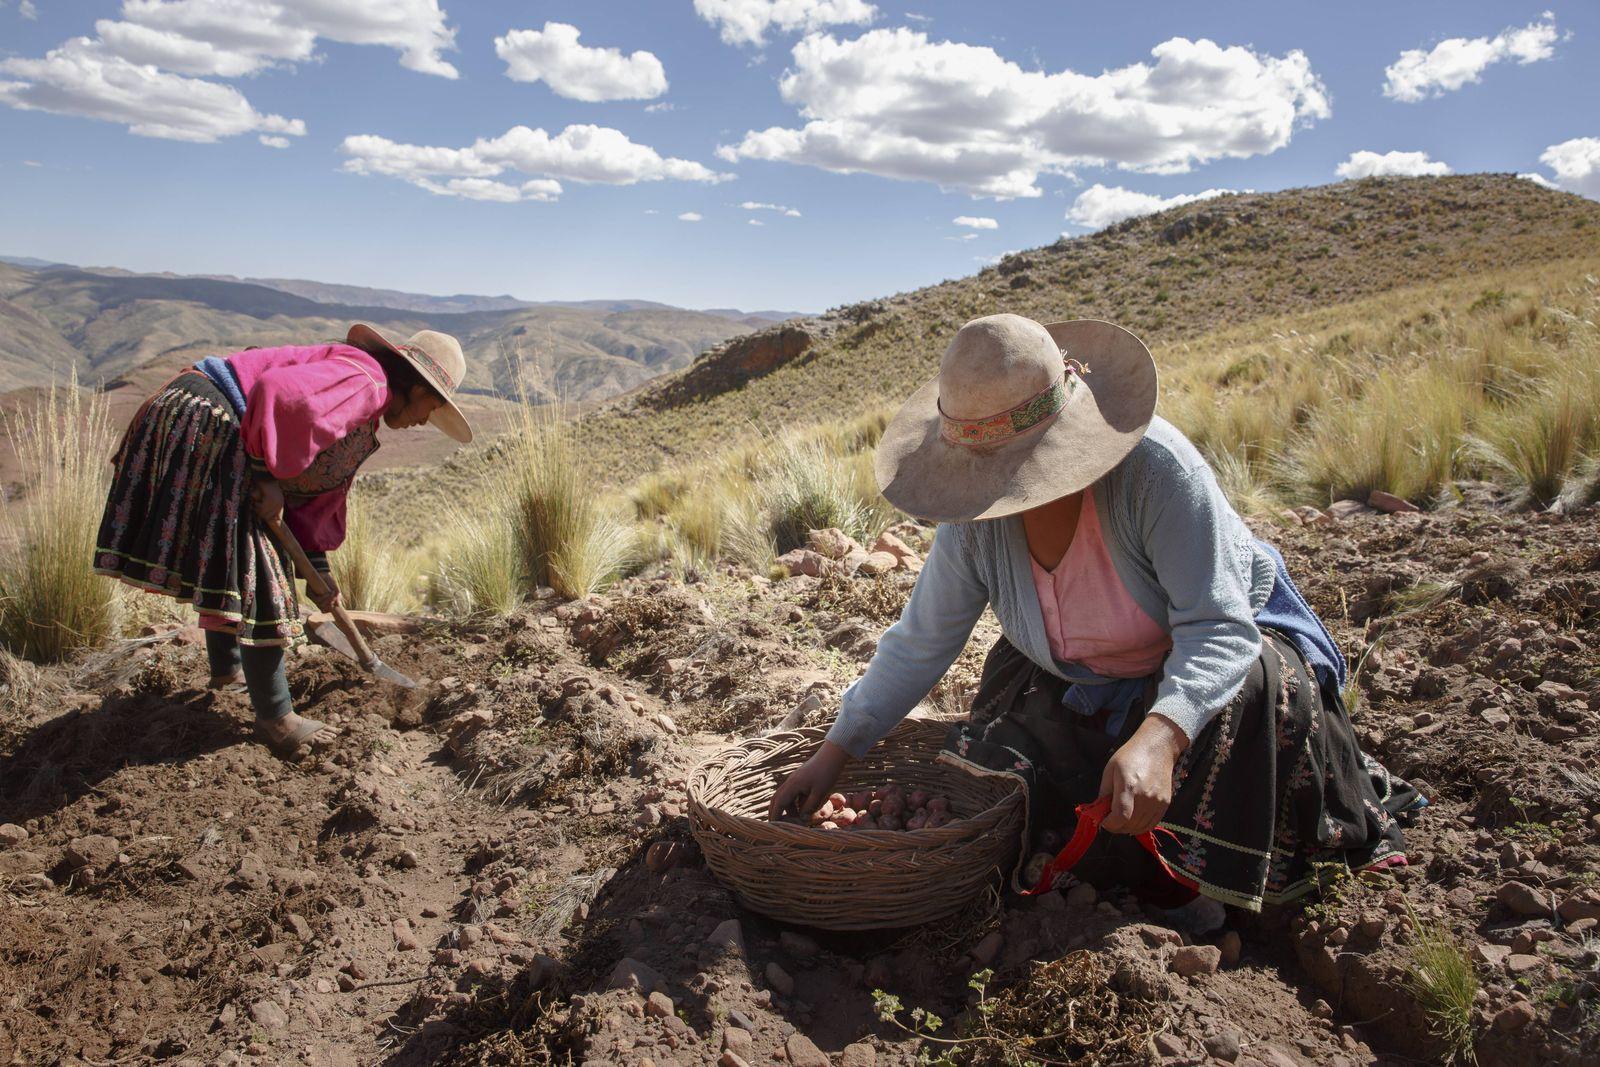 Zwei bolivianische Baeuerinnen bei der Kartoffelernte in den Anden von Bolivien Sacaca 15 04 2016